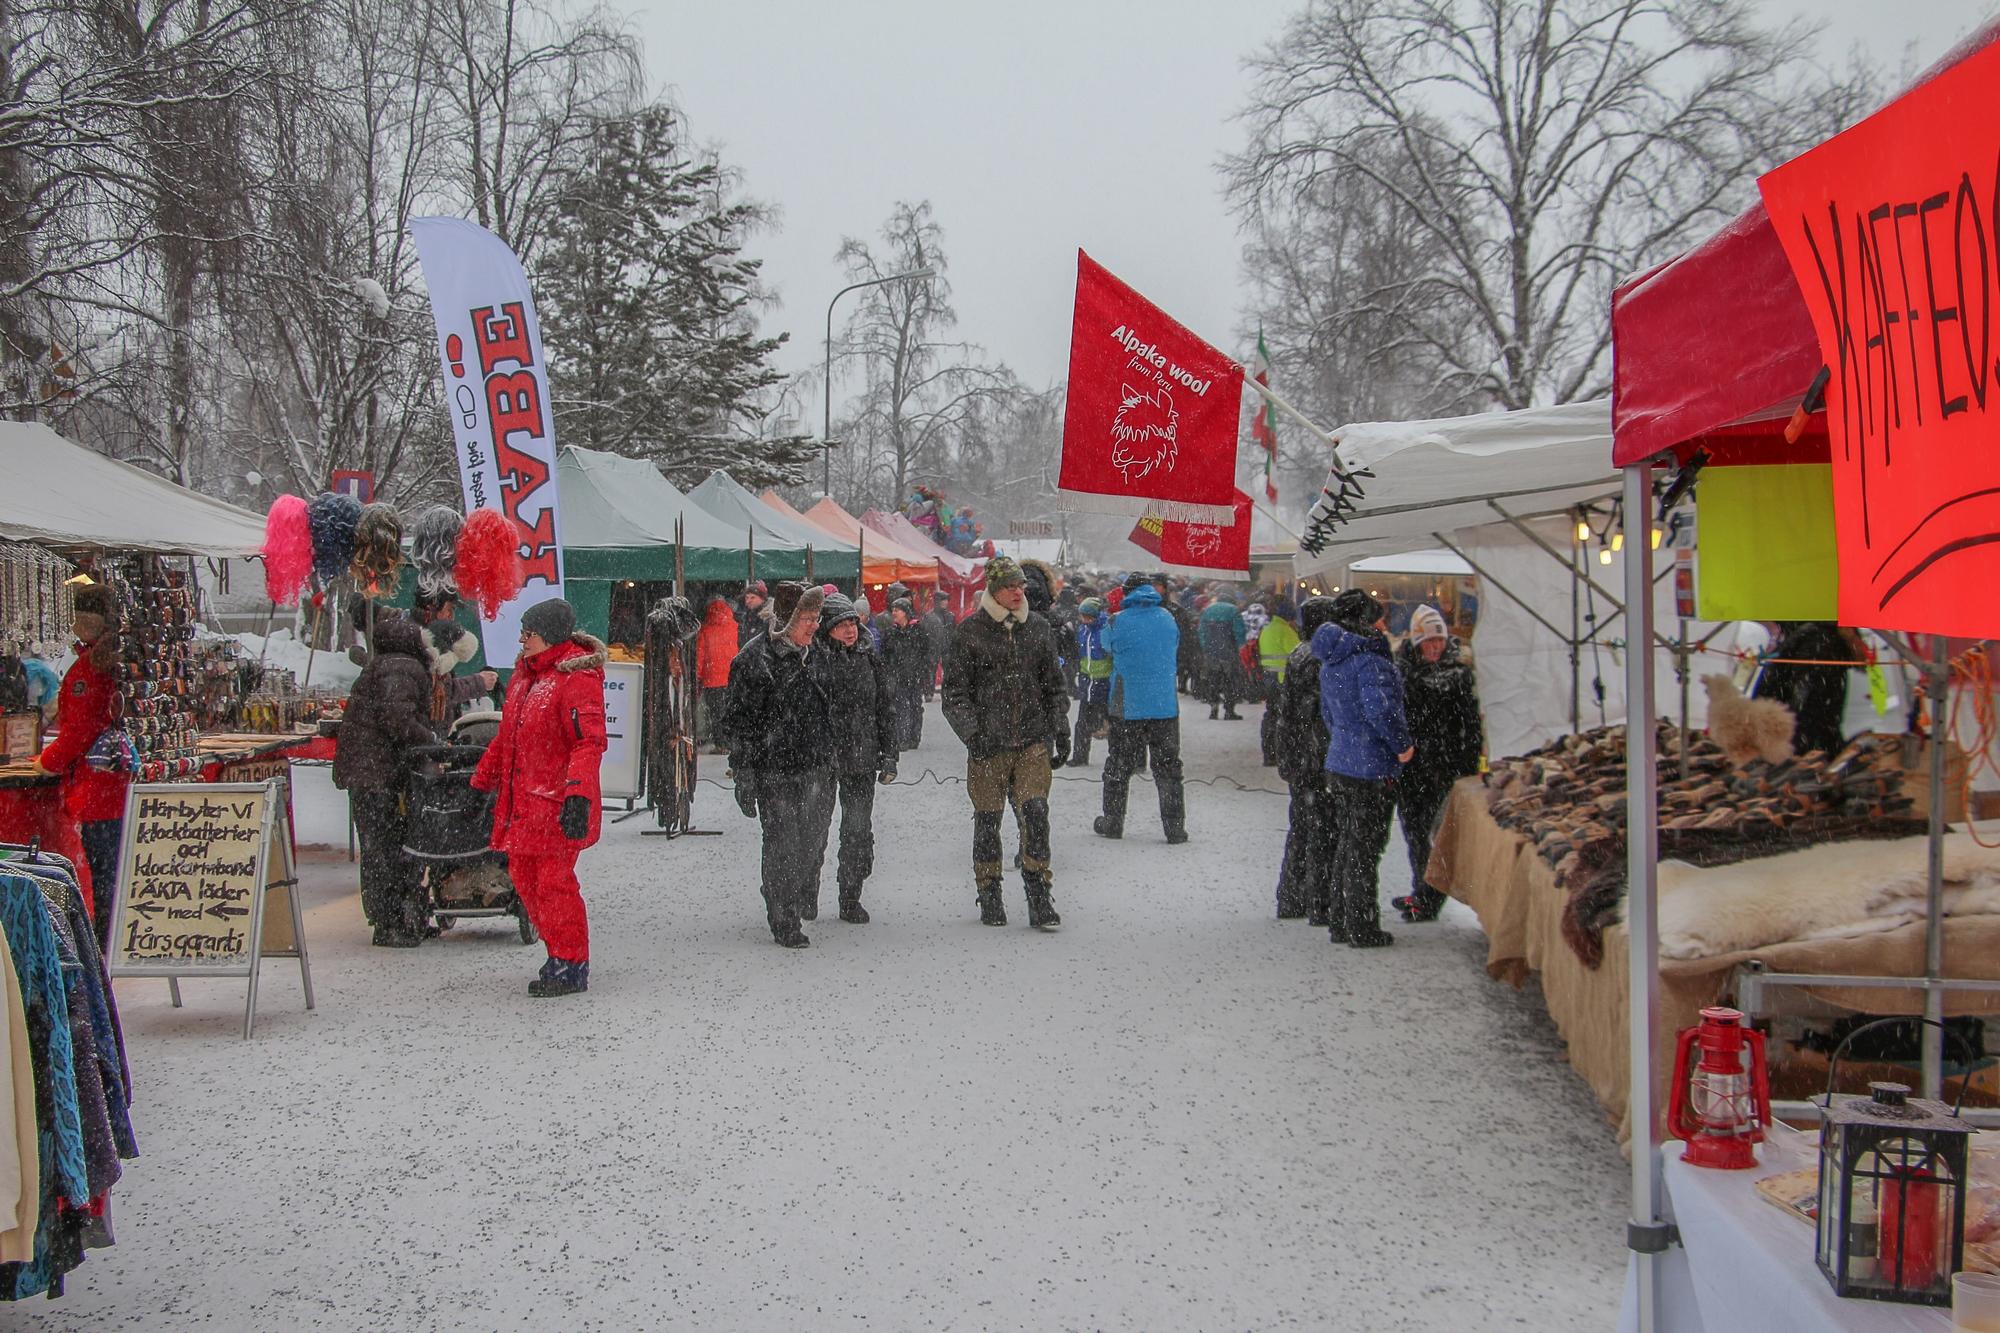 2016-02-06 Jokkmokk 011 LR